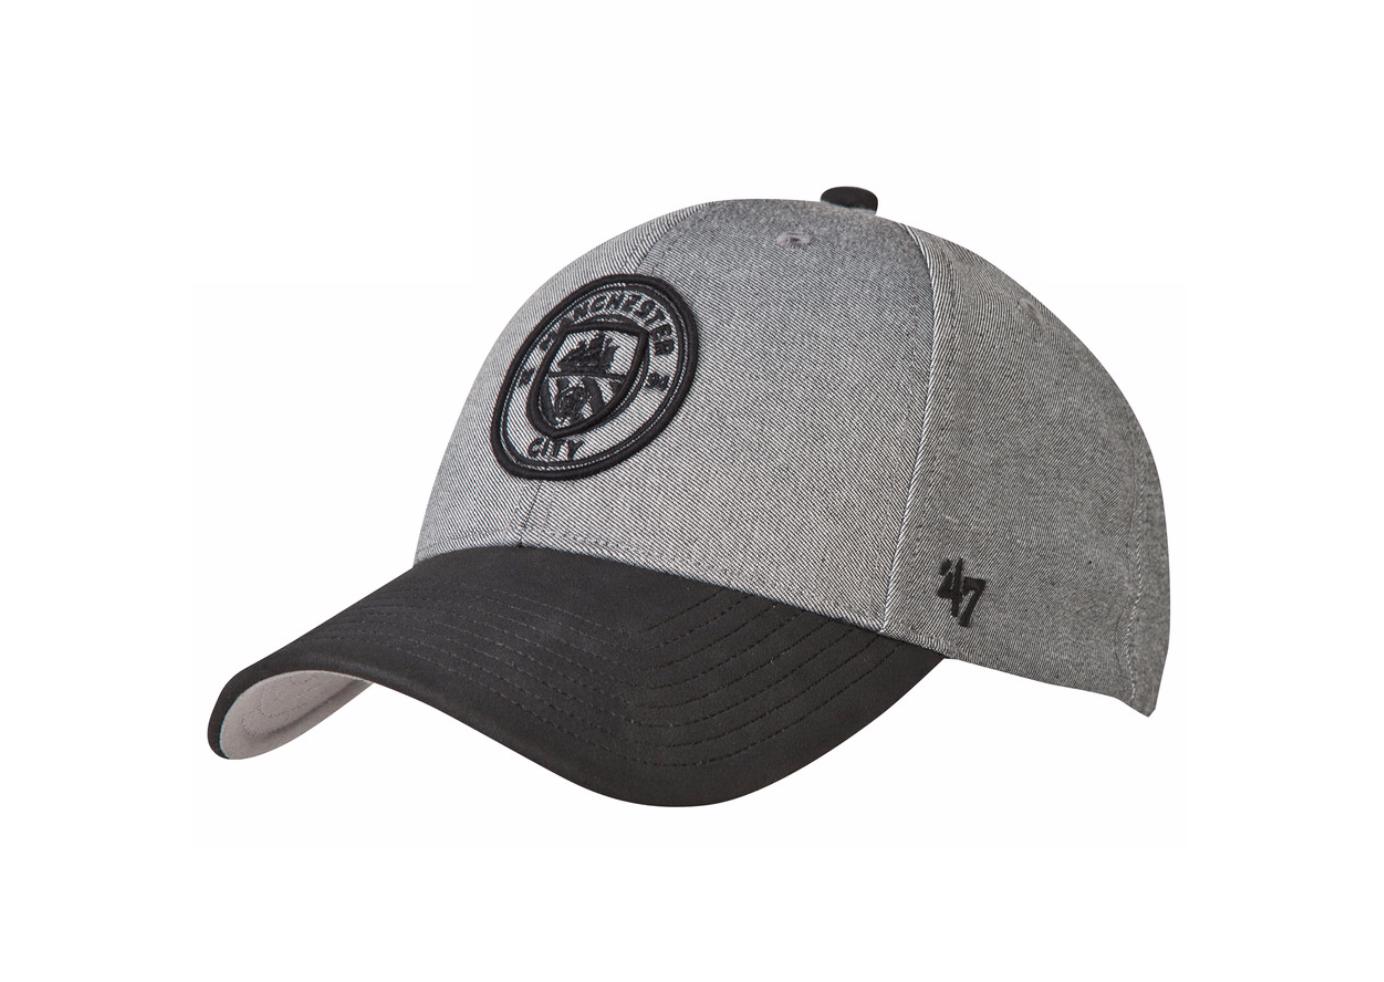 หมวกแมนเชสเตอร์ ซิตี้ 47 MVP Cap ของแท้